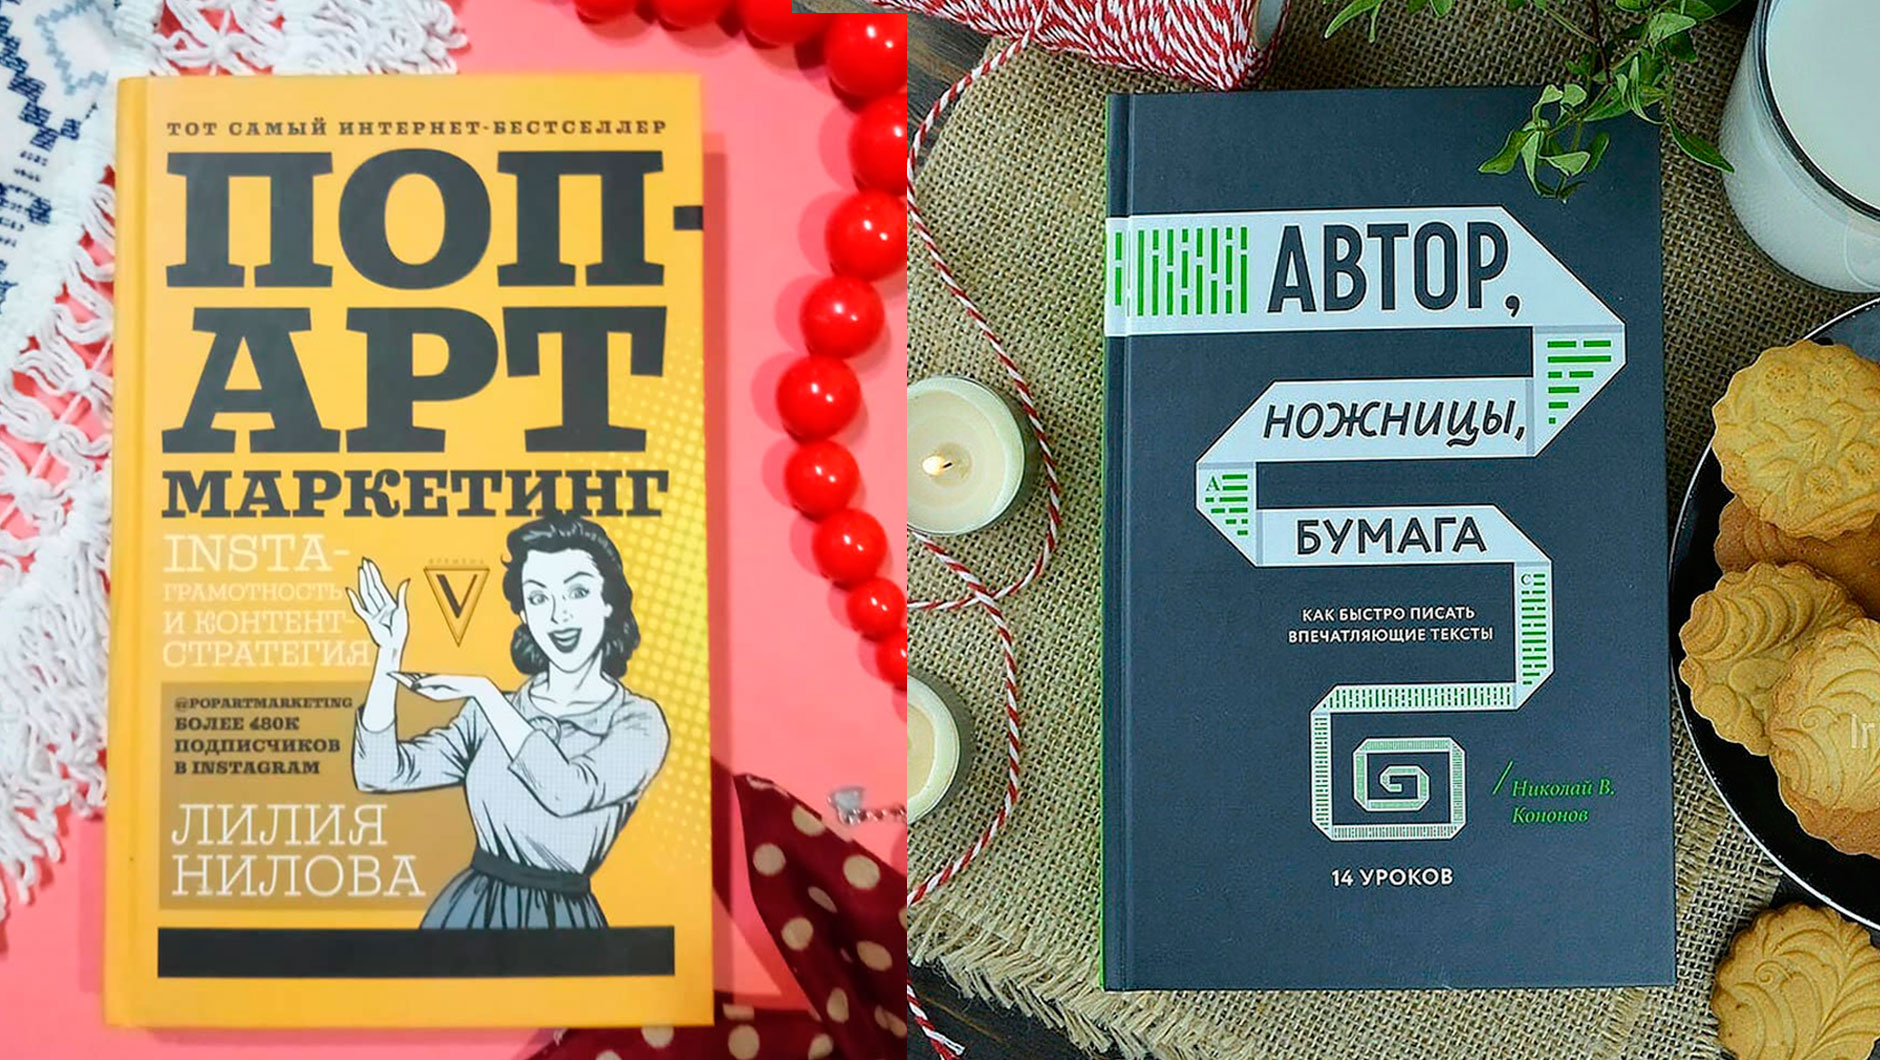 Чтобы прокачать себя, полезно прочесть книги успешных блогеров. Например, Николая Кононова